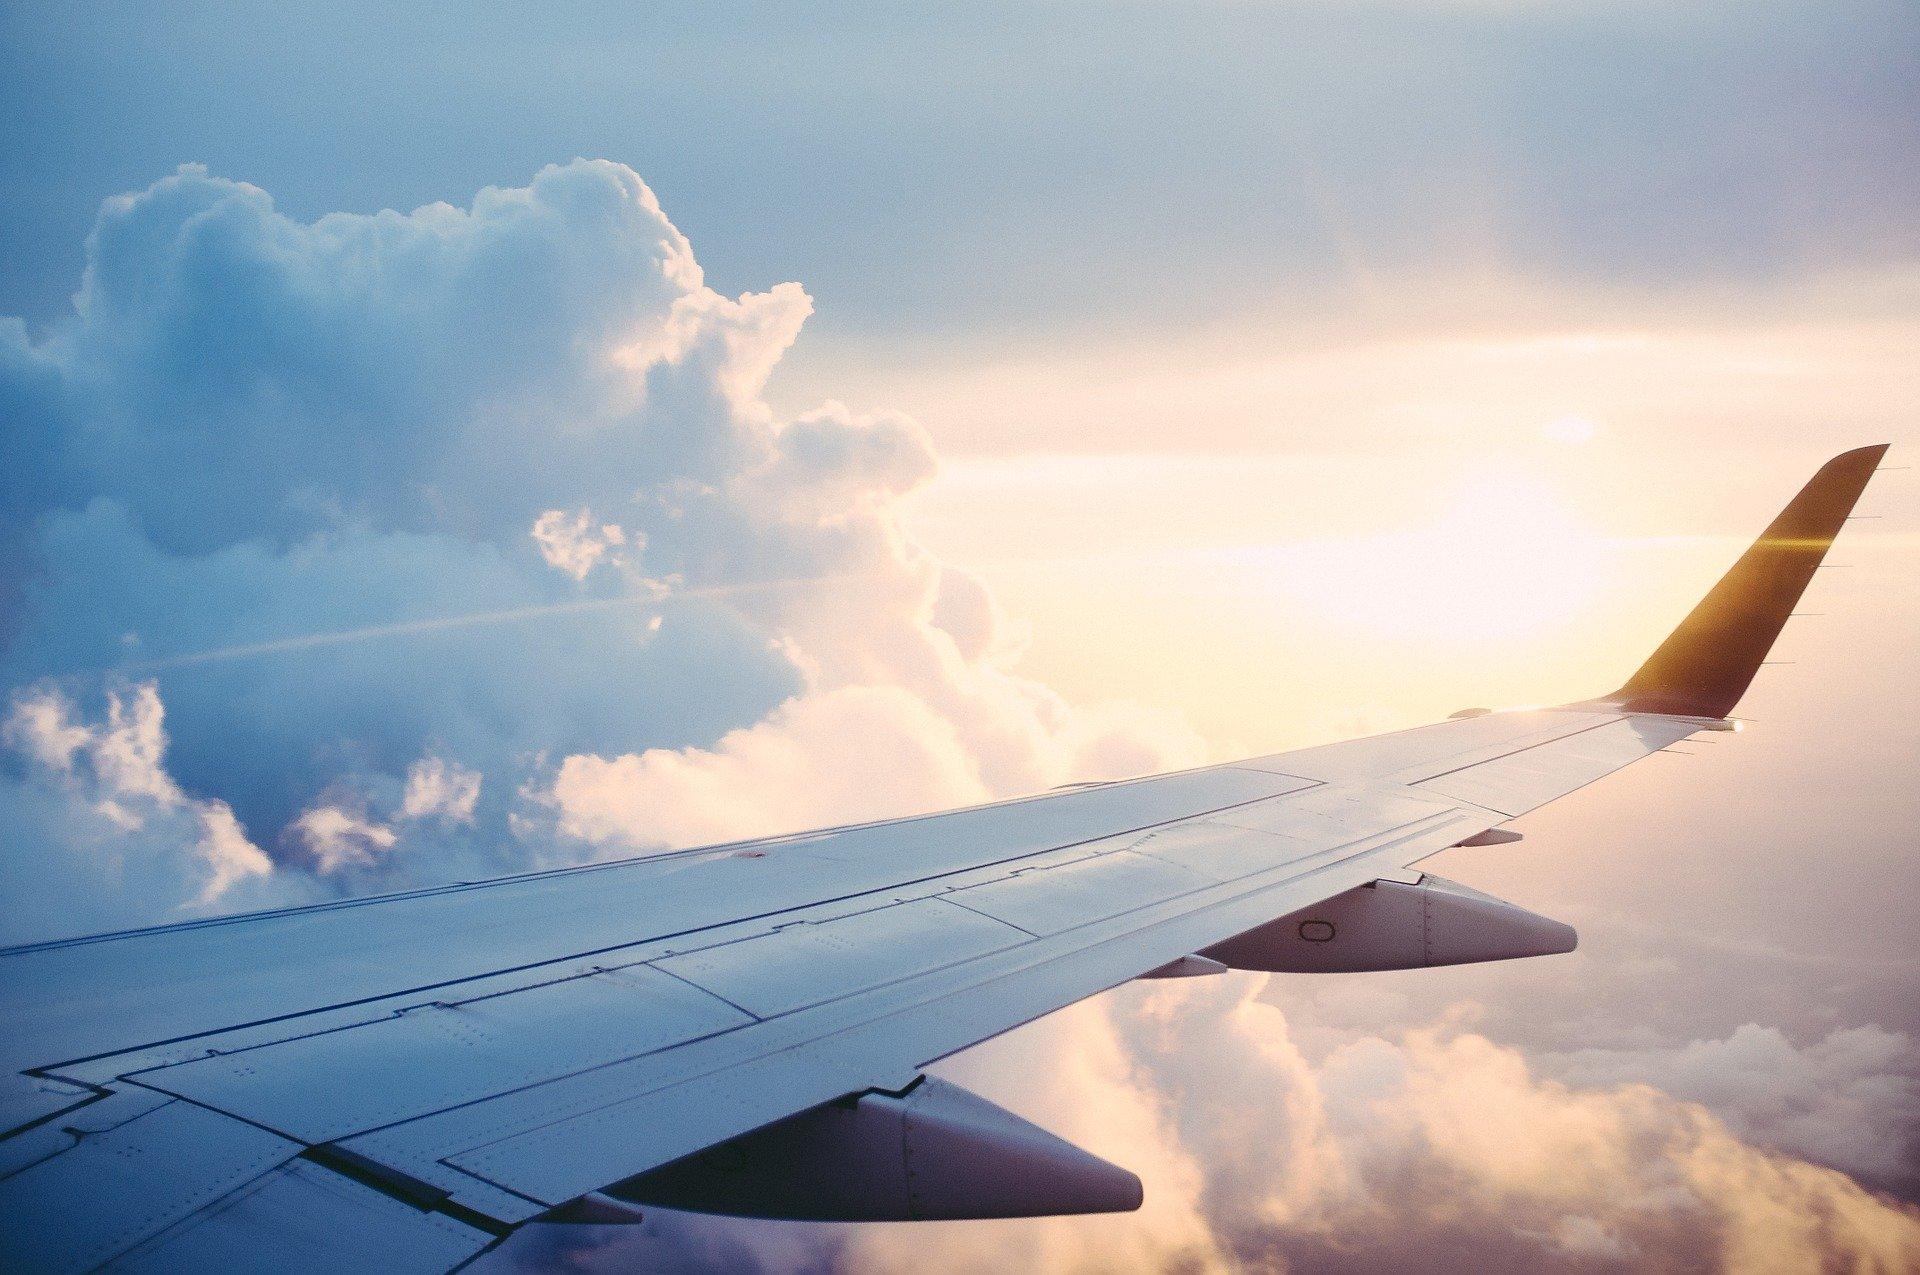 Foto da asa de um avião com o céu ao fundo (imagem ilustrativa). Texto: Franquia ideal para cidade pequena de 5 mil habitantes.